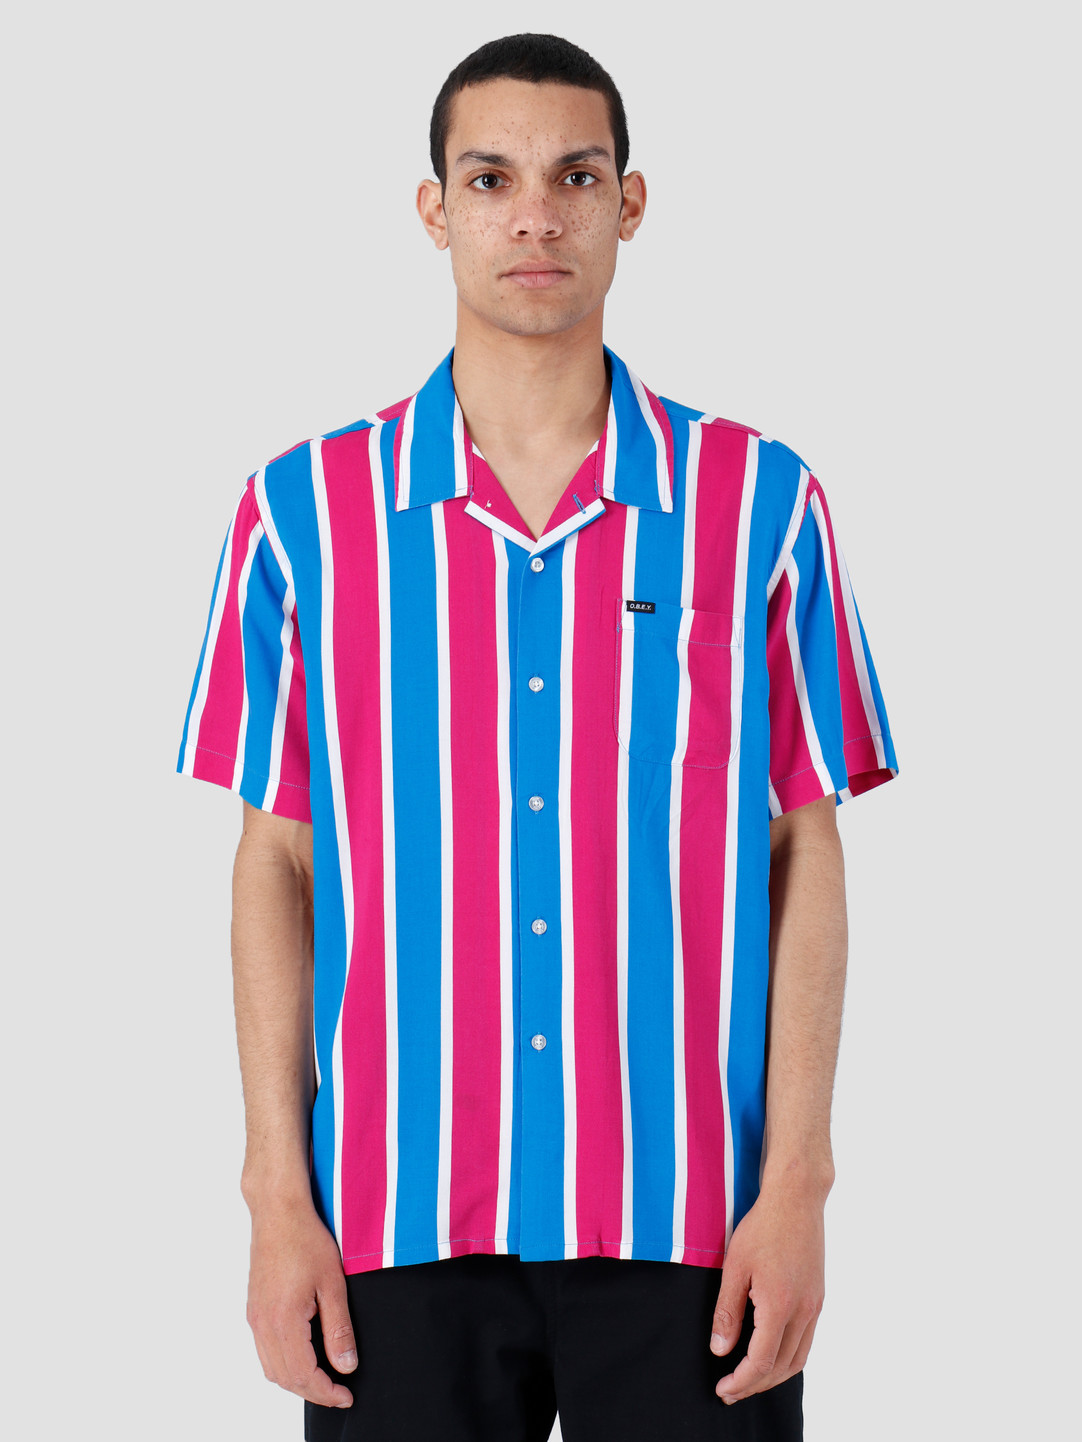 Obey Obey Sutter Stripe Woven T-Shirt Fuchsia Multi 181210245-FUS